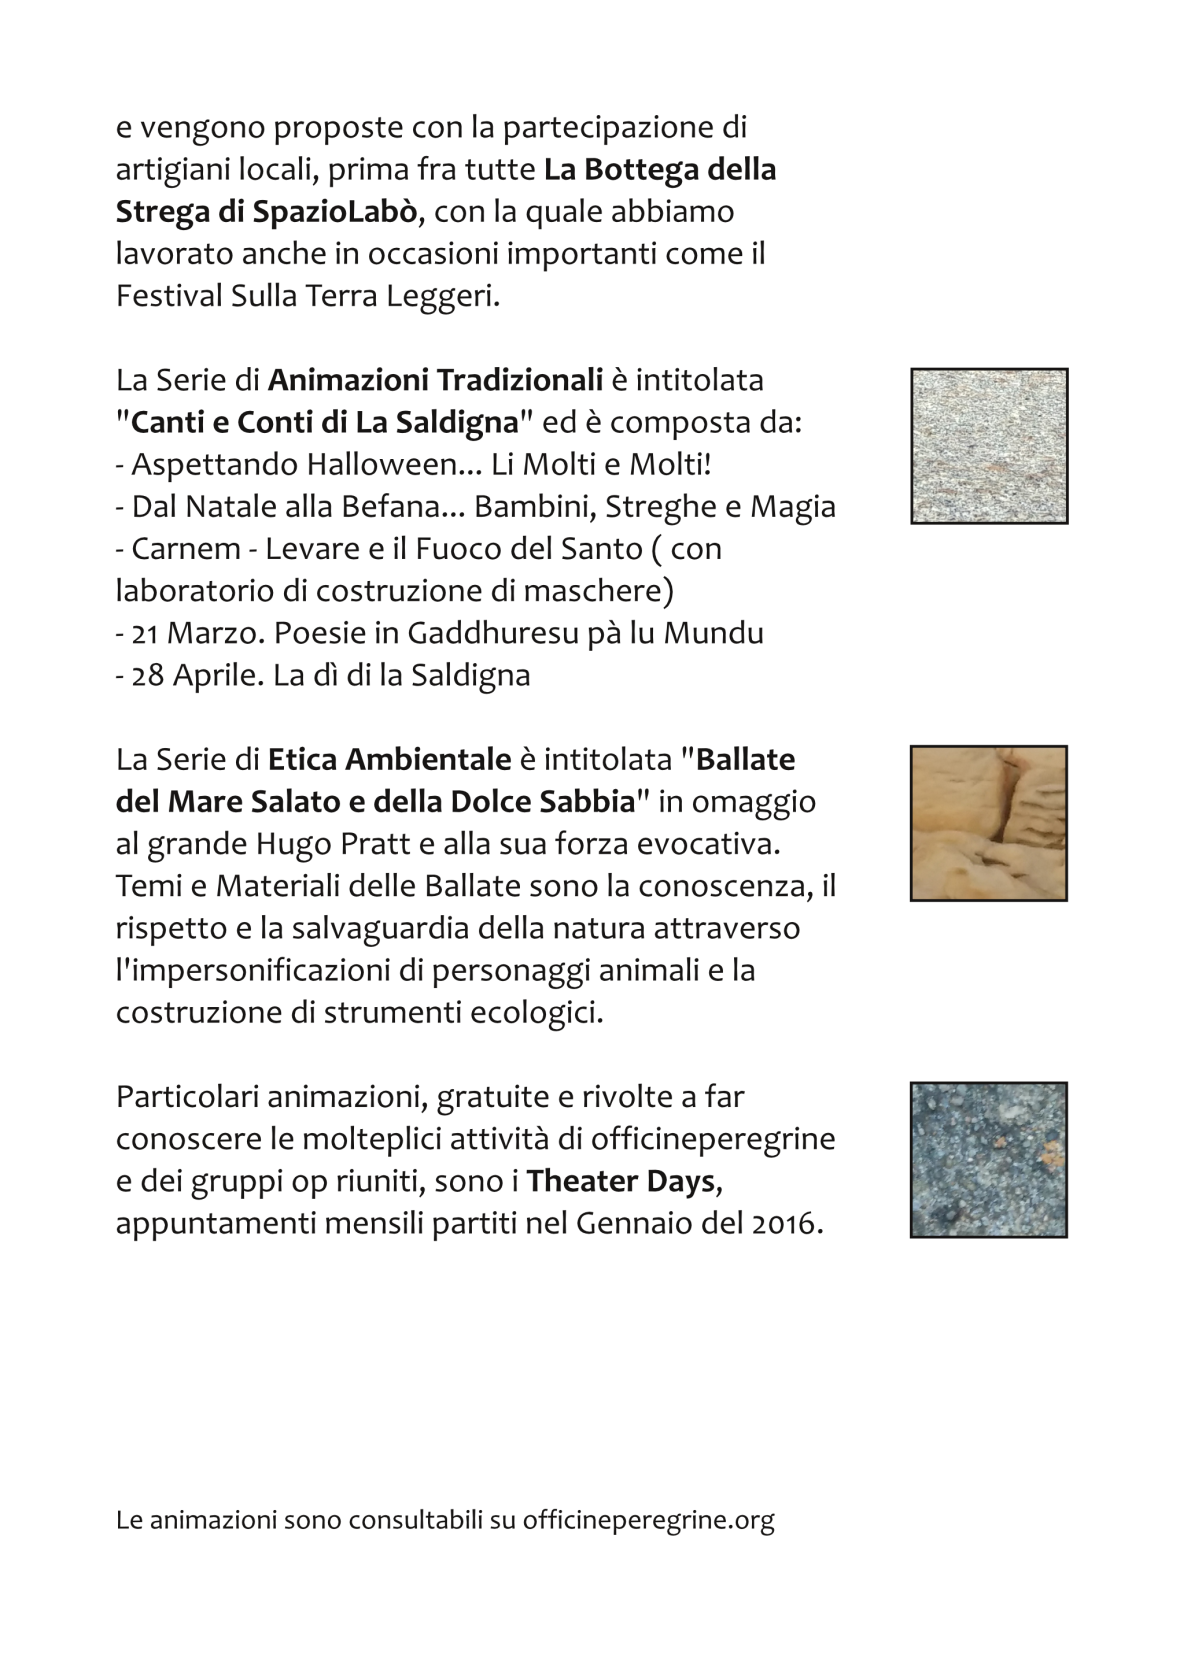 teatrospaziopoliedricoproject-pagina007